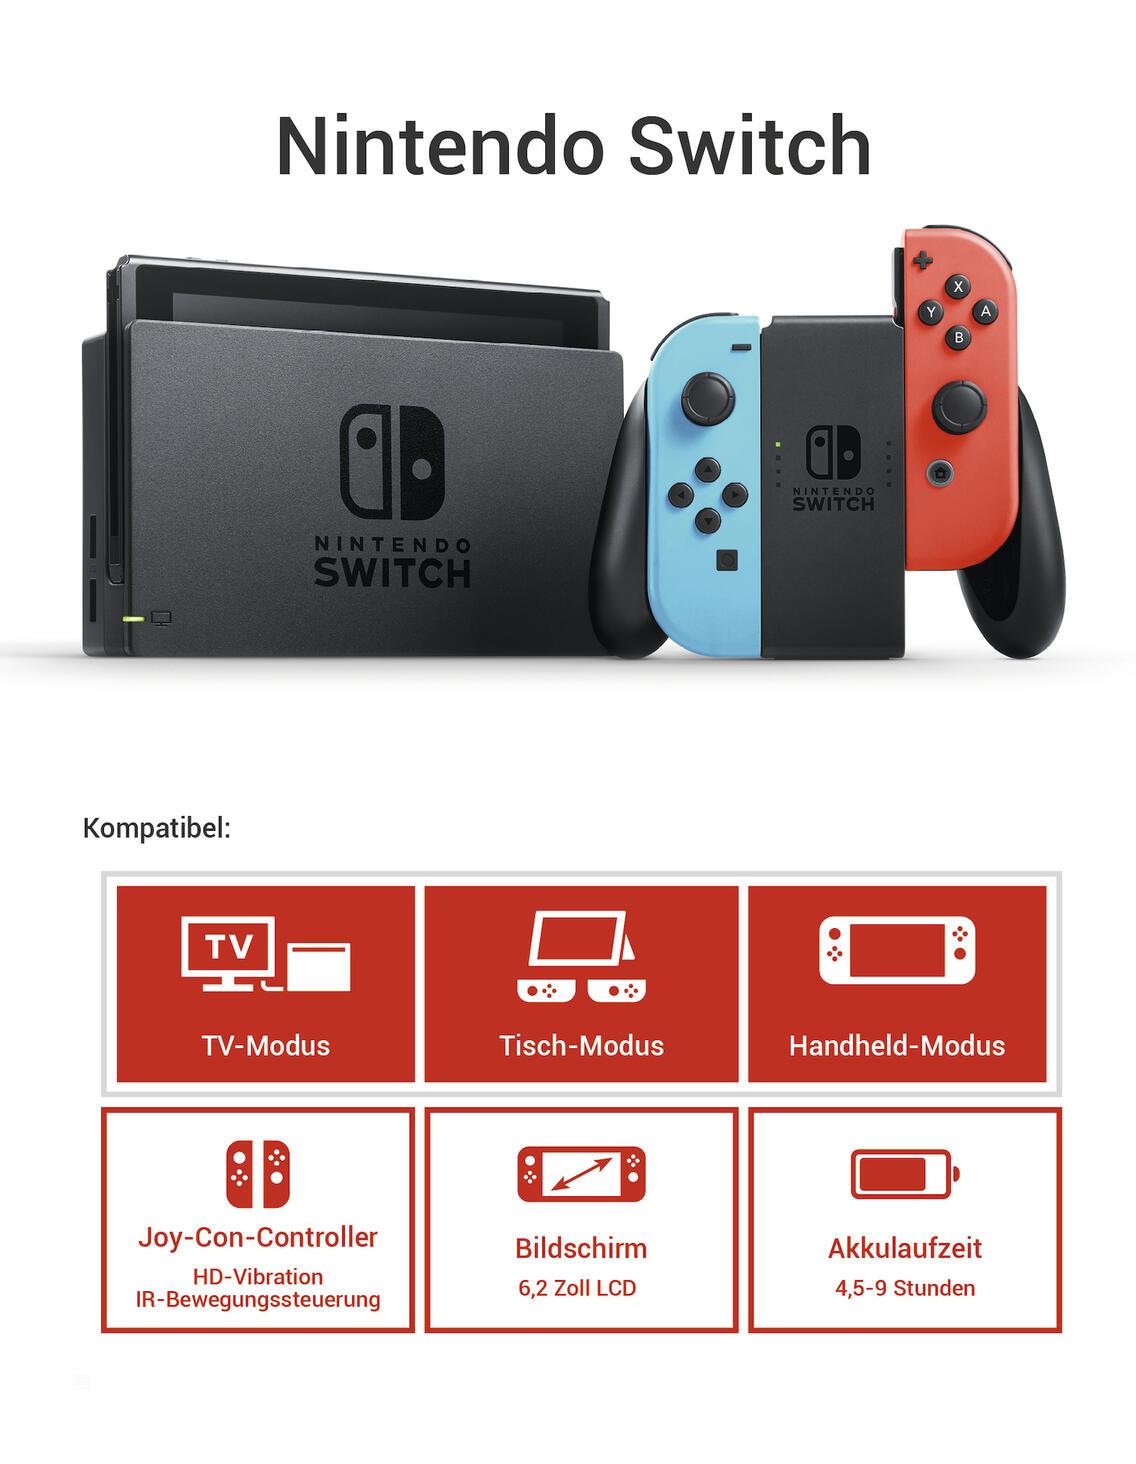 Nintendo Switch Konsole Inkl Fortnite Und Doppel Helix Paket